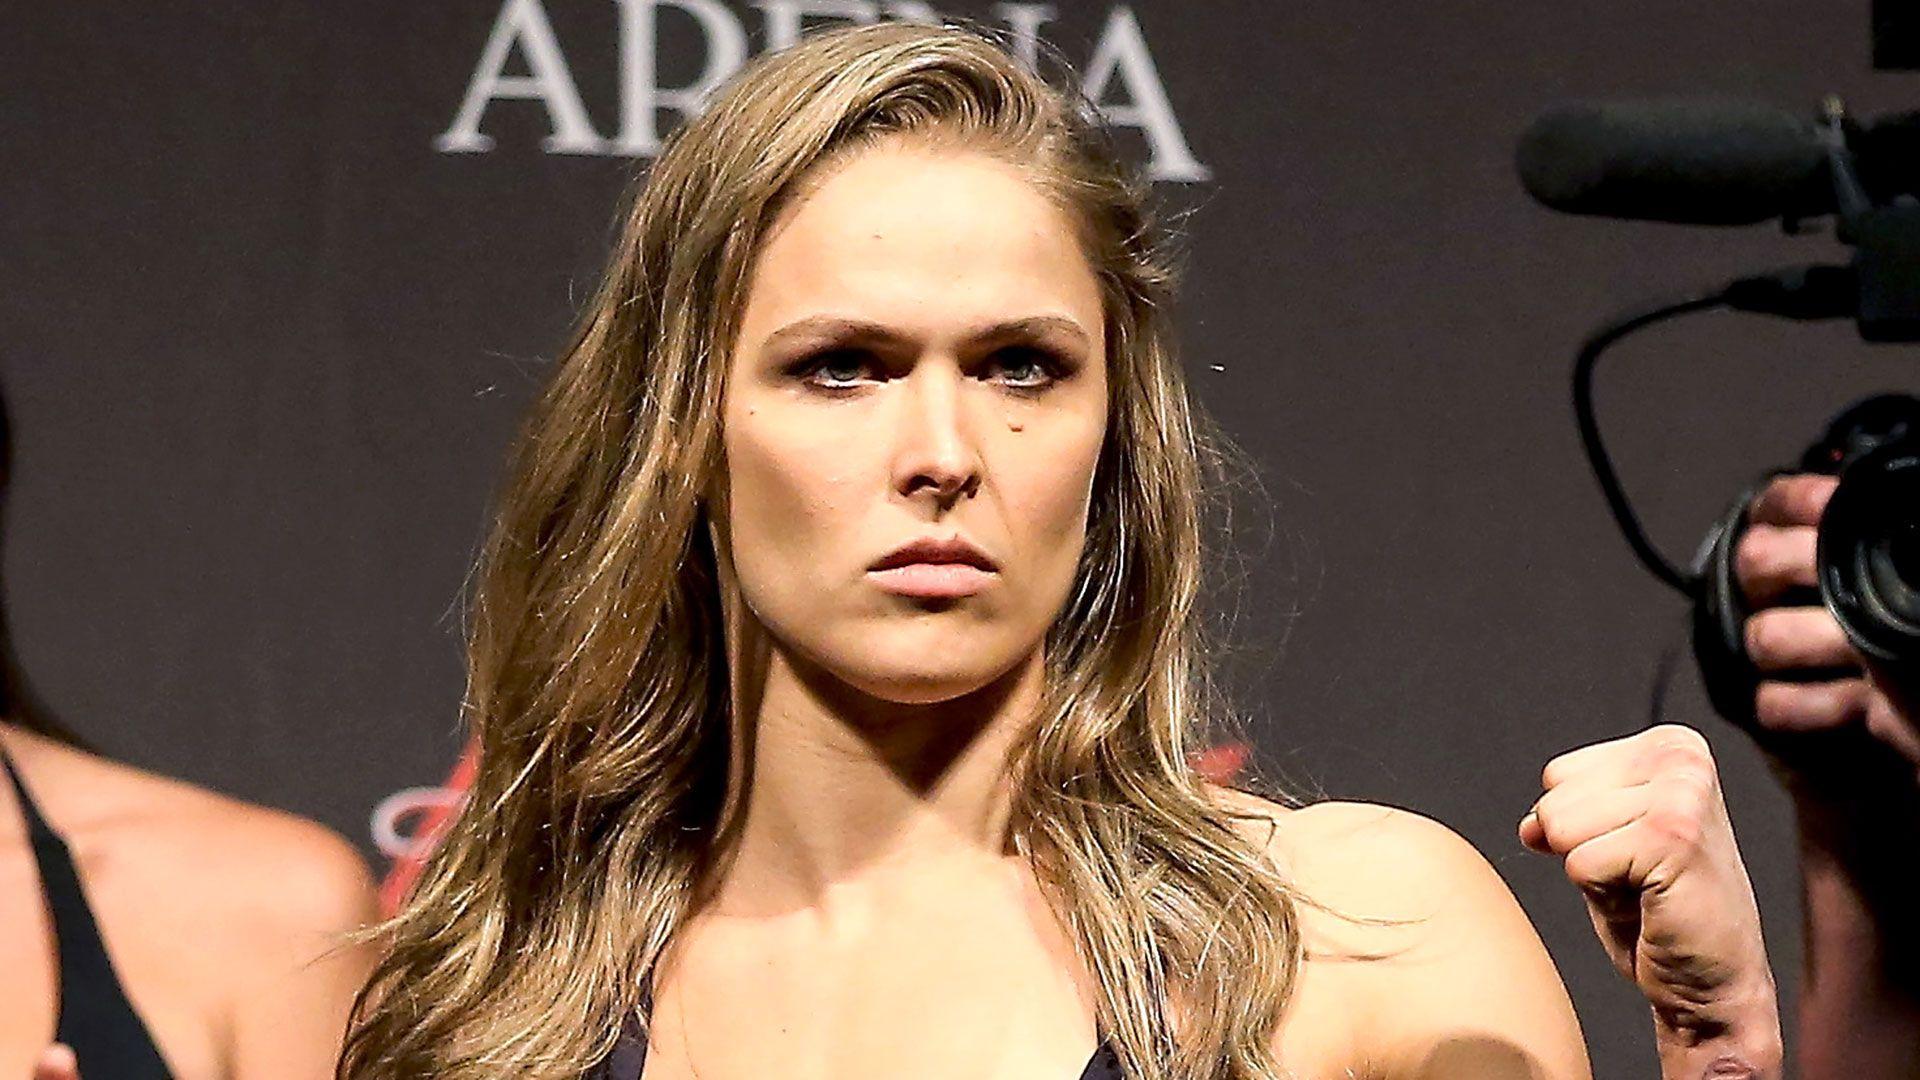 Ronda Rousey wallpaper theme